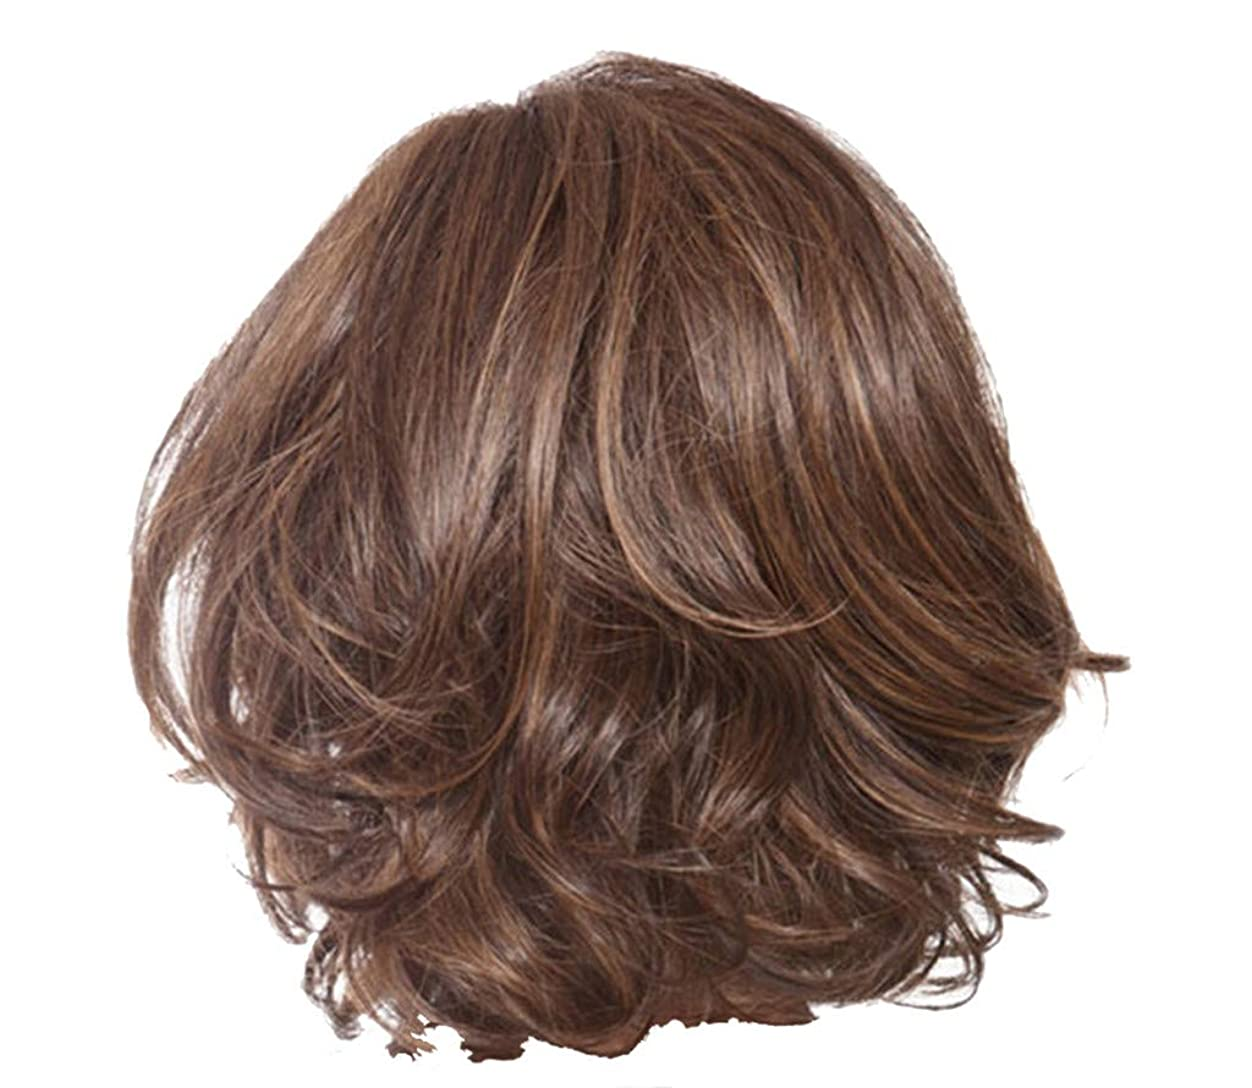 先史時代の行進スタンドウィッグ女性のセクシーな短い巻き毛のかつらクールなハンサムなかつら36 cm